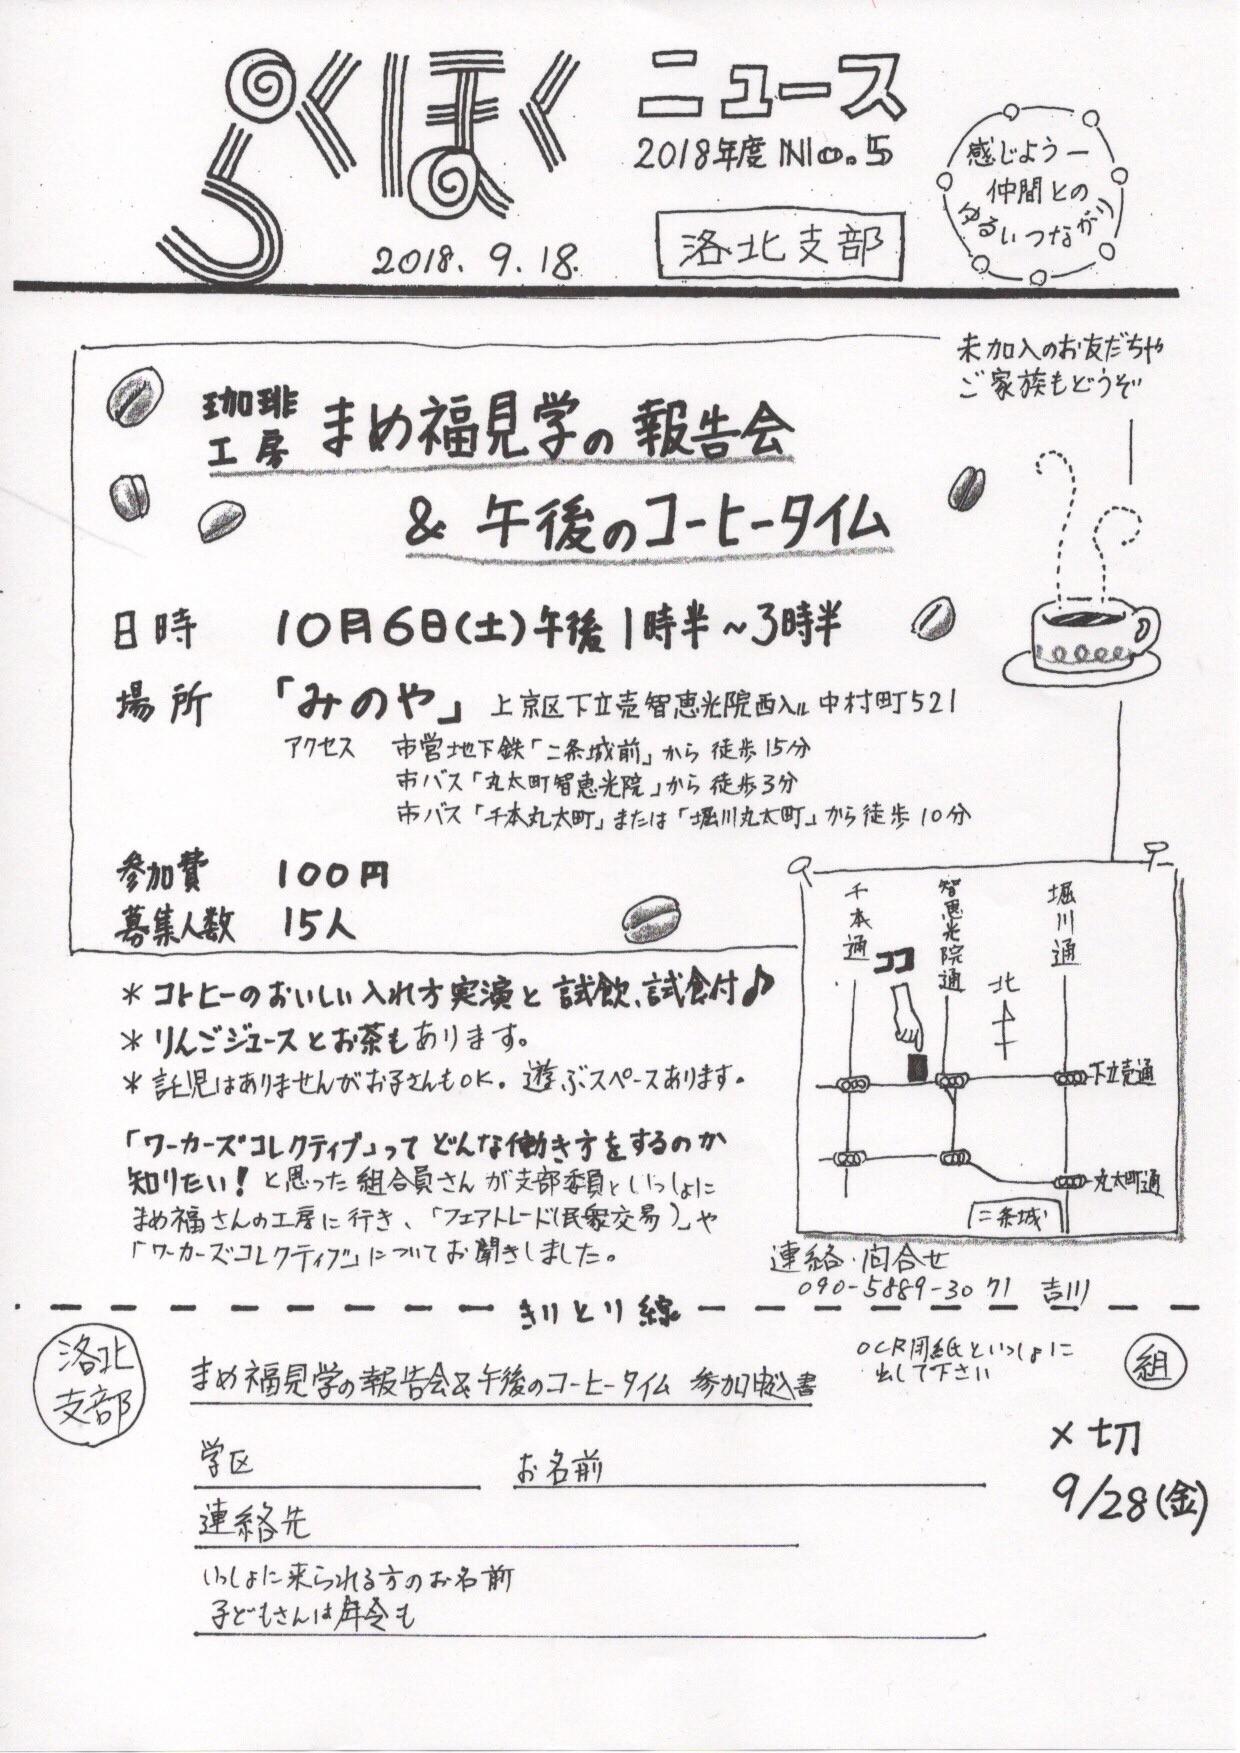 20F4AA69-7EE5-481E-8EF4-EDC770655410.jpeg